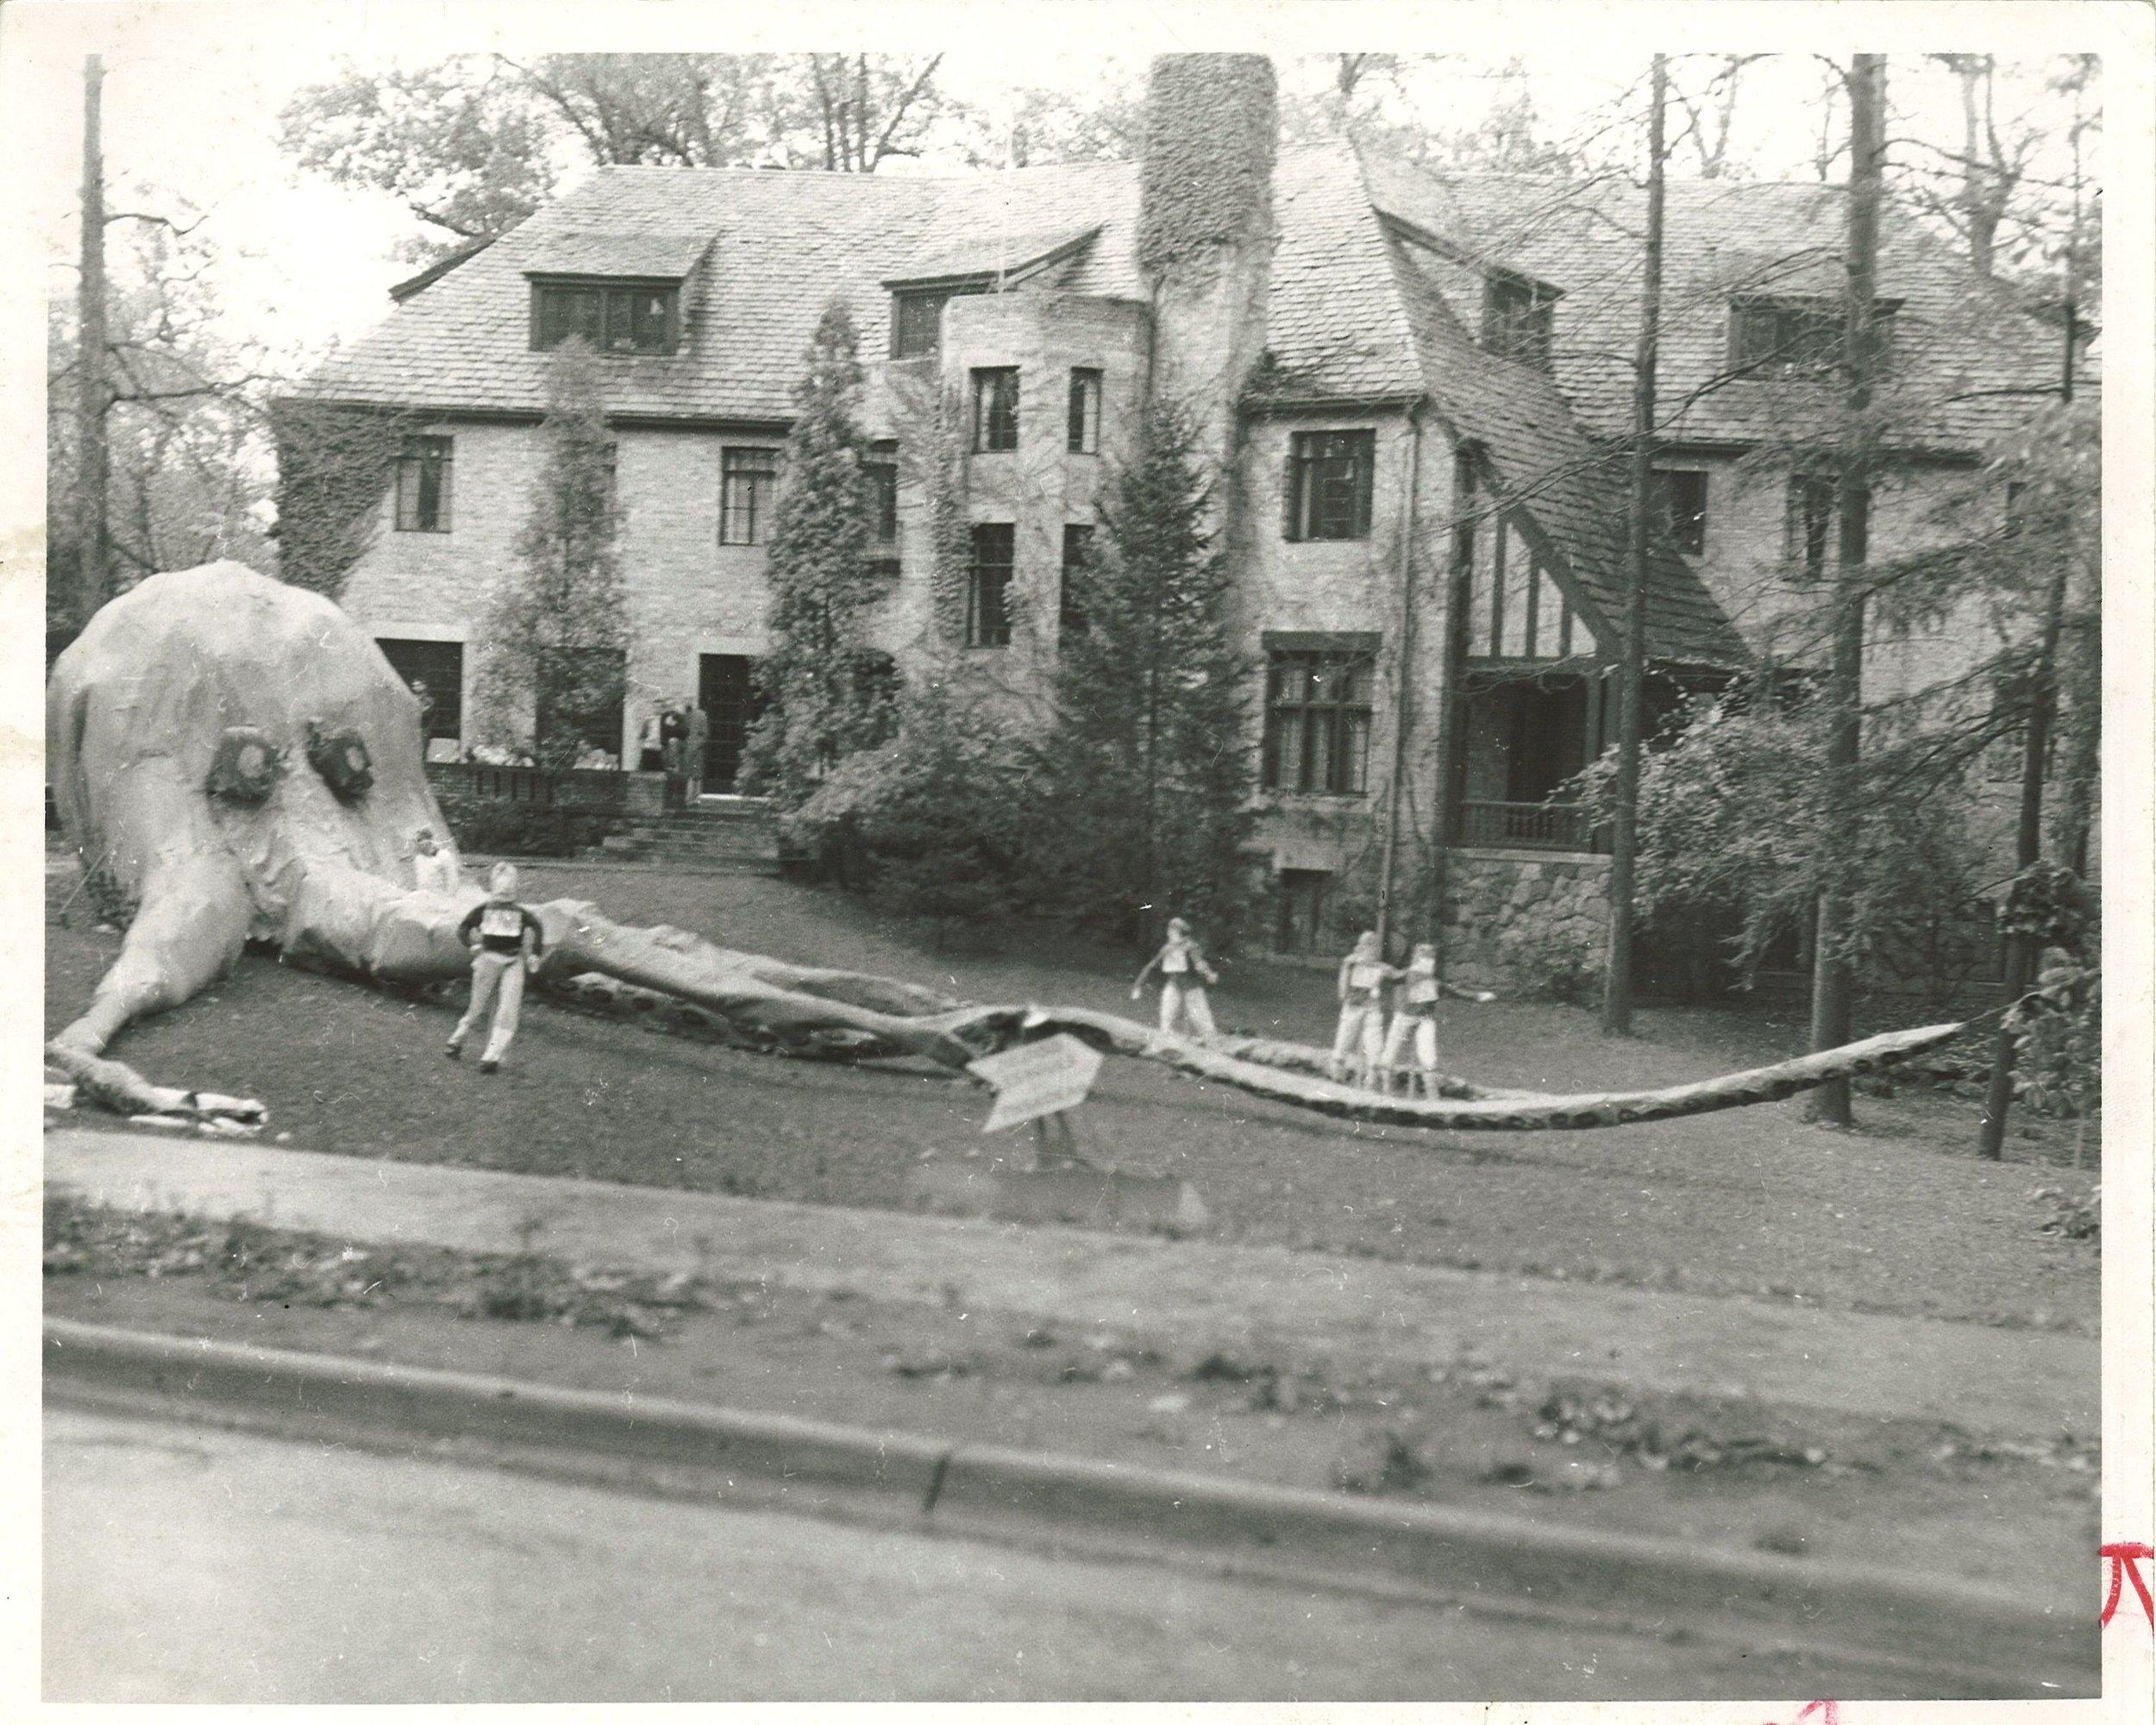 UM_Homecoming_1950s-enh.jpg